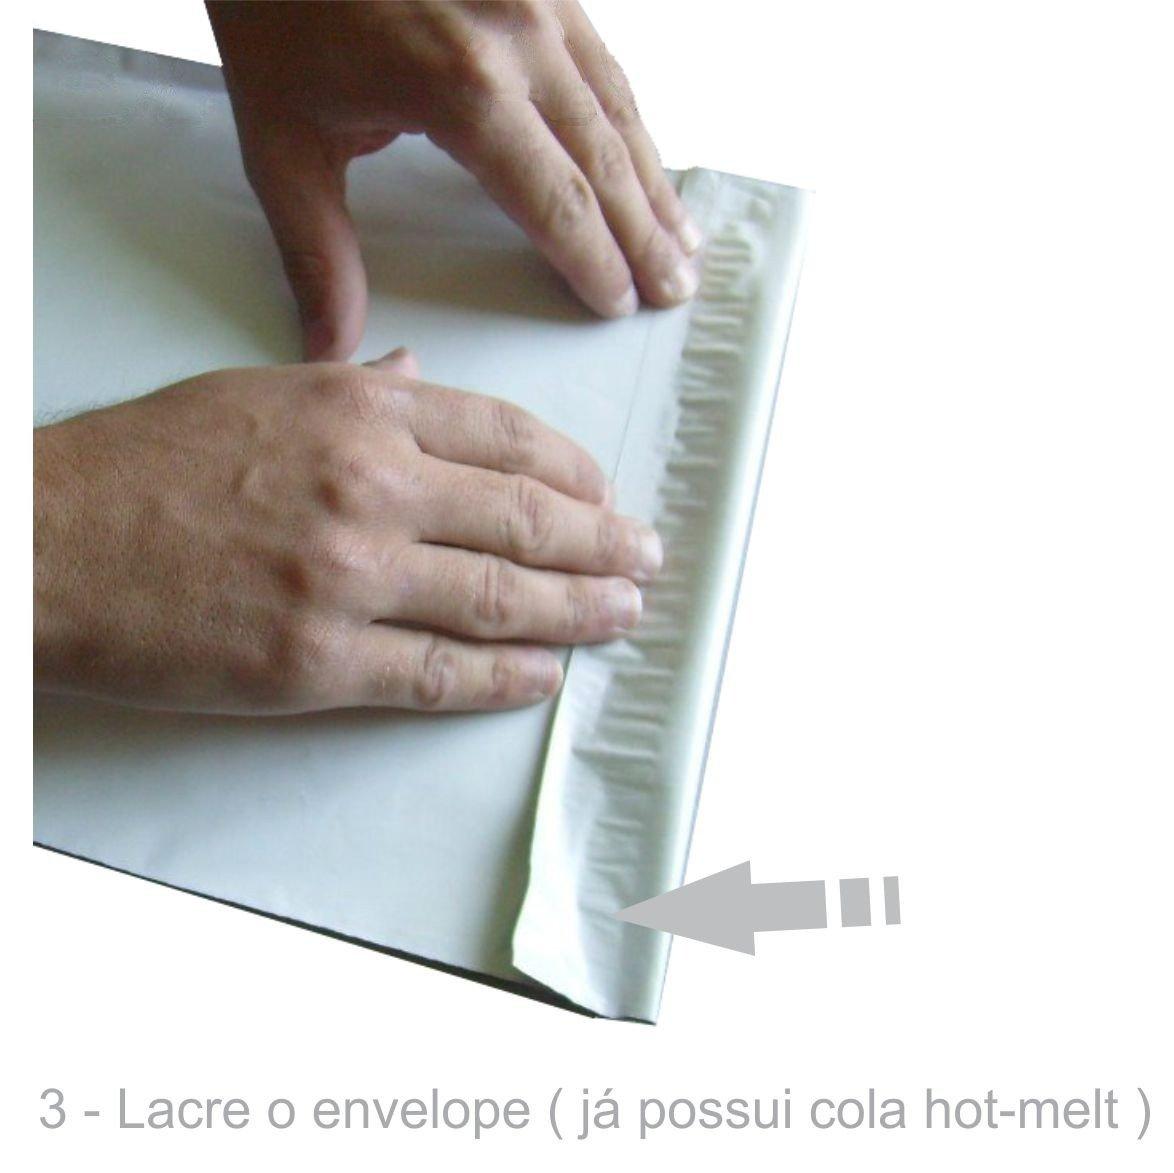 Envelope Plástico Segurança Lacre Tipo Sedex 19x25 (500pcs)